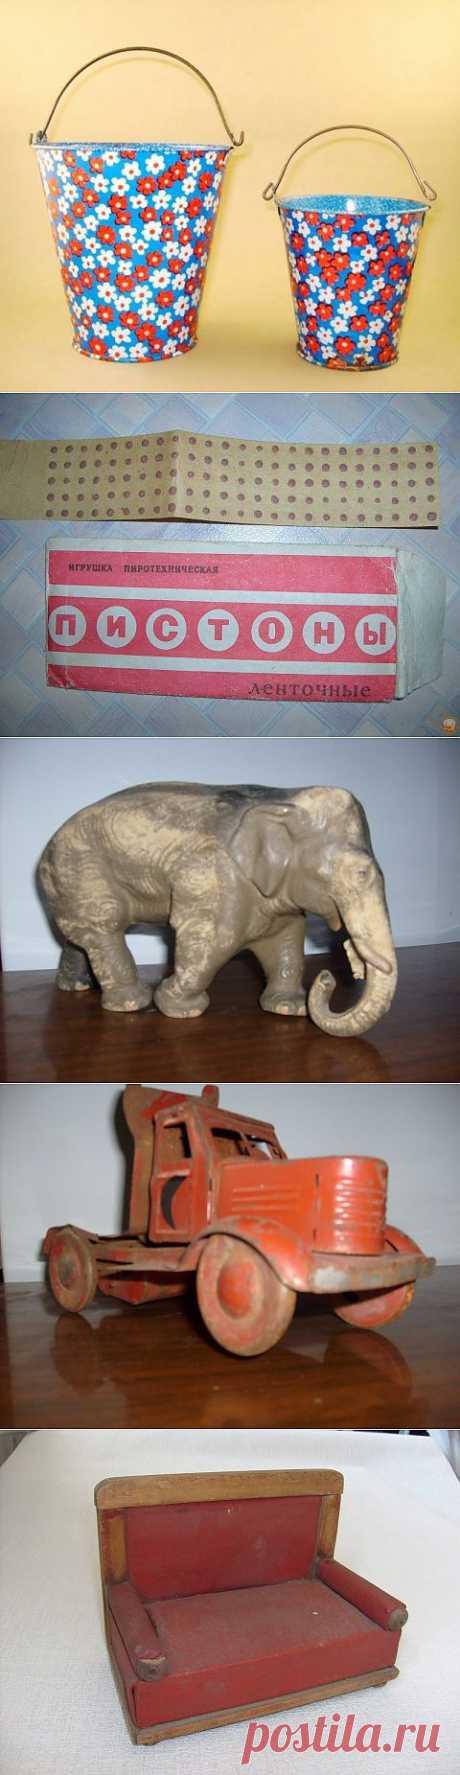 (+1) - Любимые игрушки из нашего советского детства | О наших детях